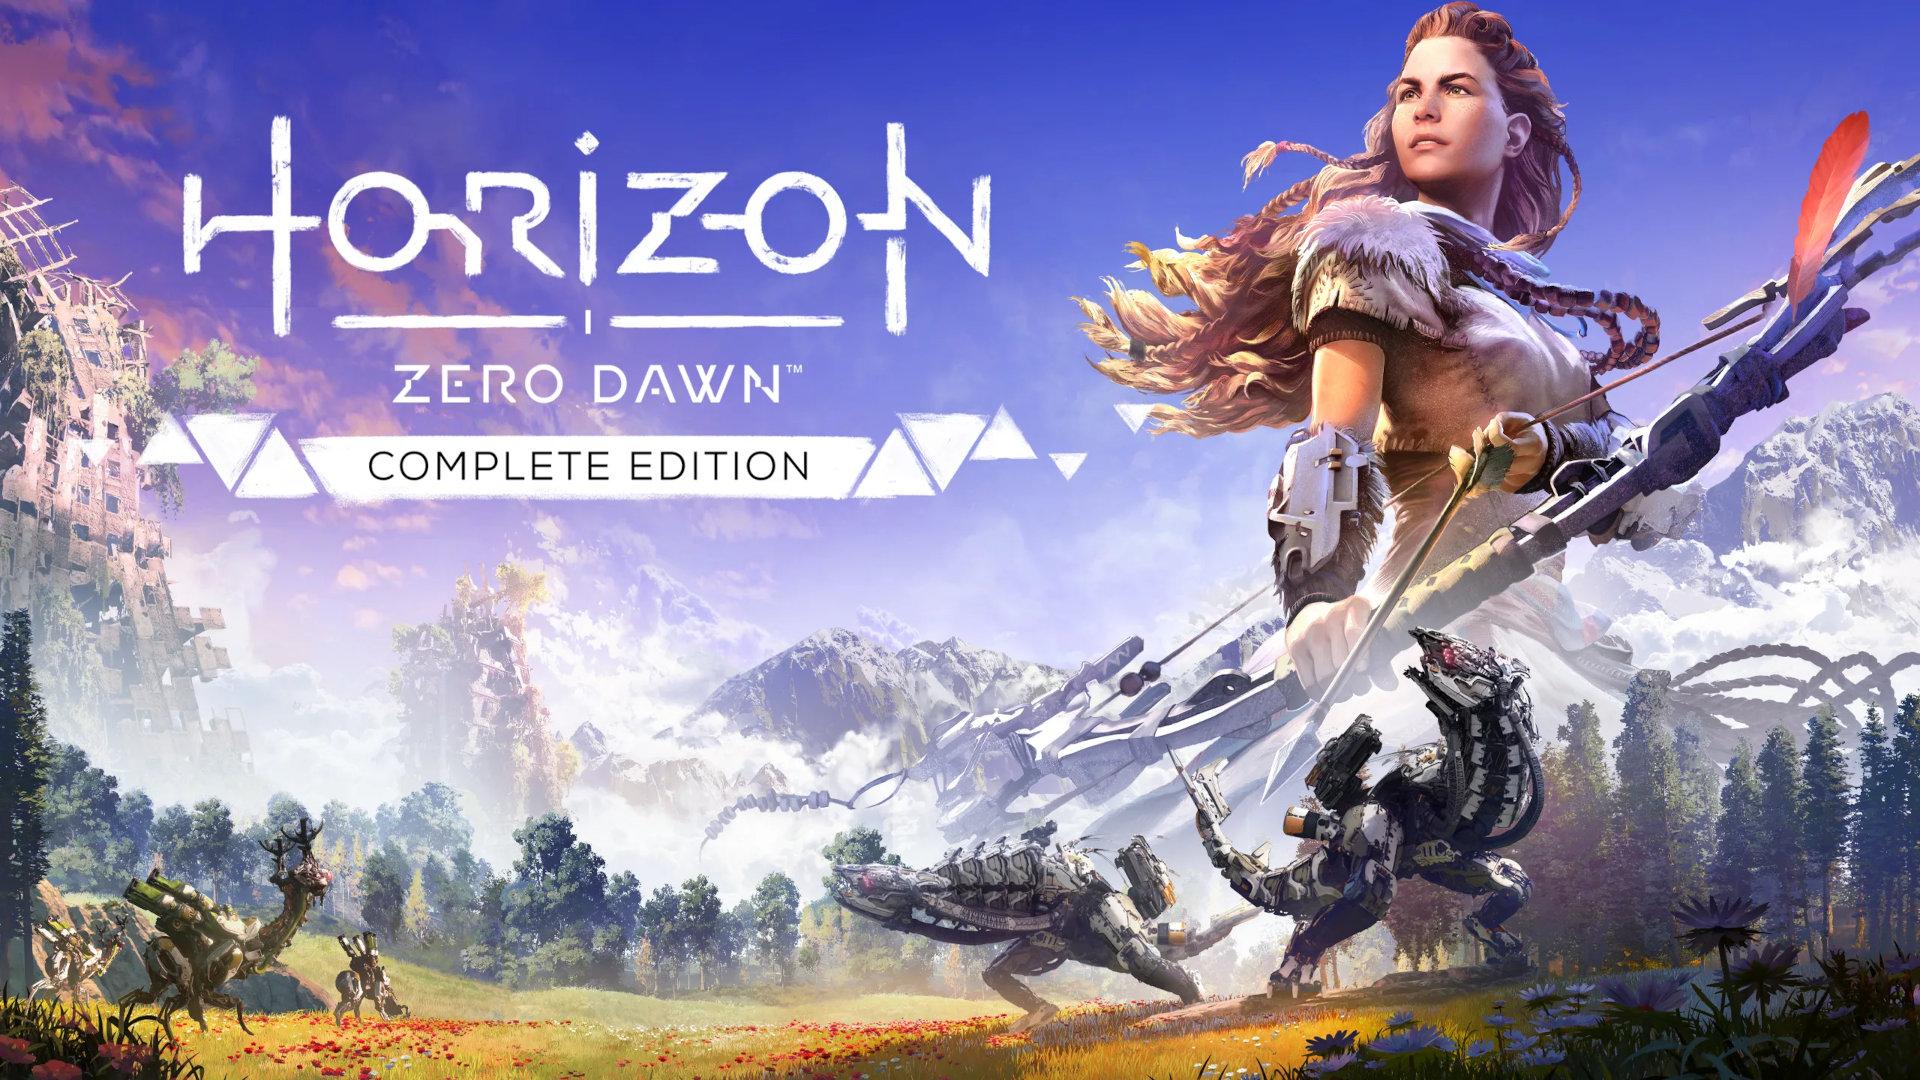 Horizon-Zero-Dawn-Complete-Edition-PC